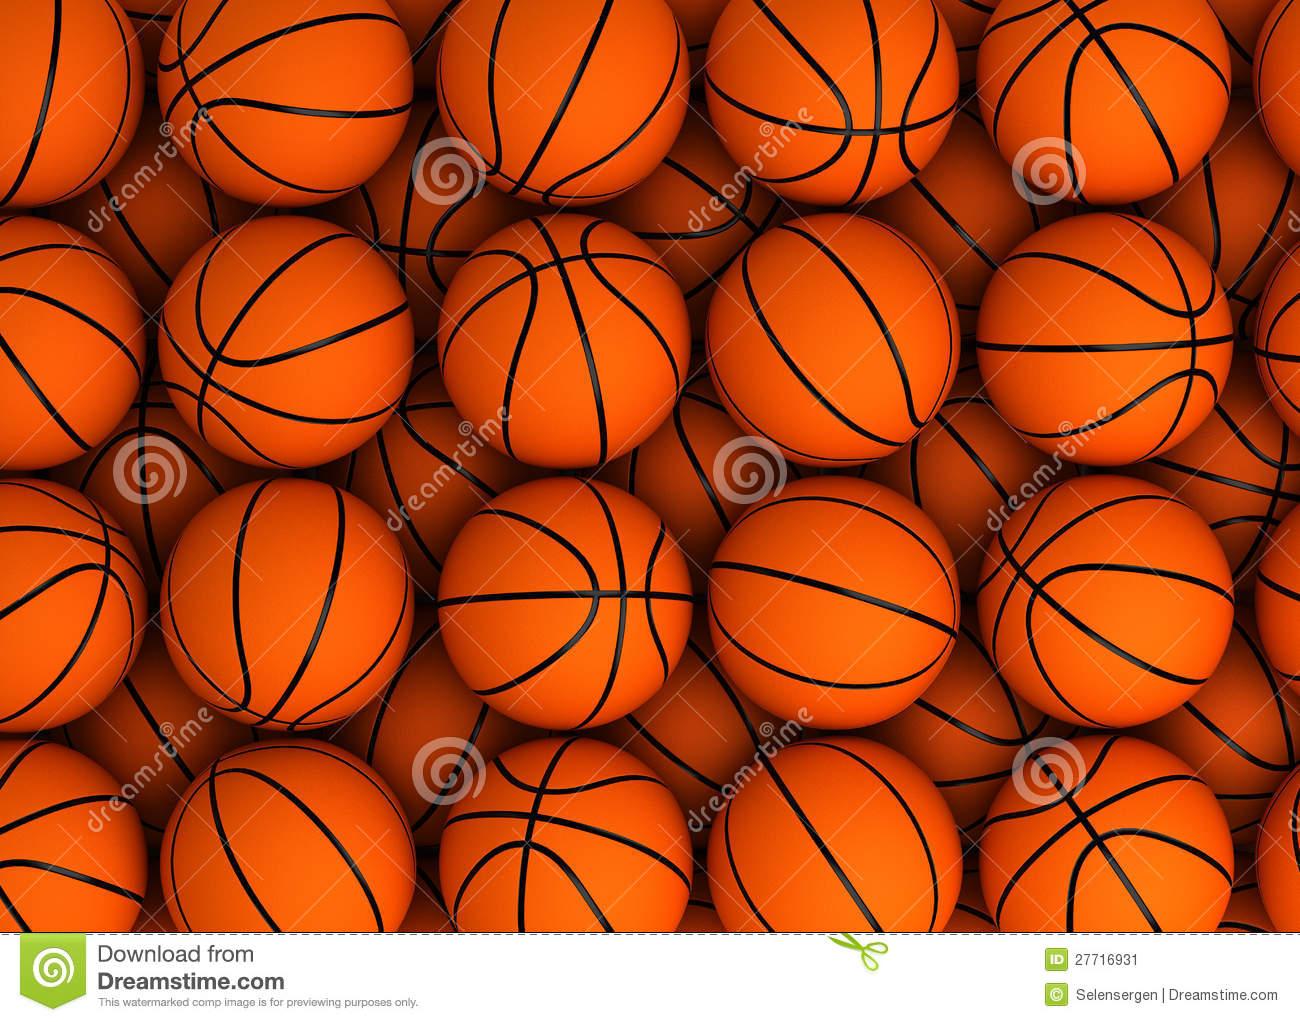 Basketball Background Stock Image - Image: 27716931